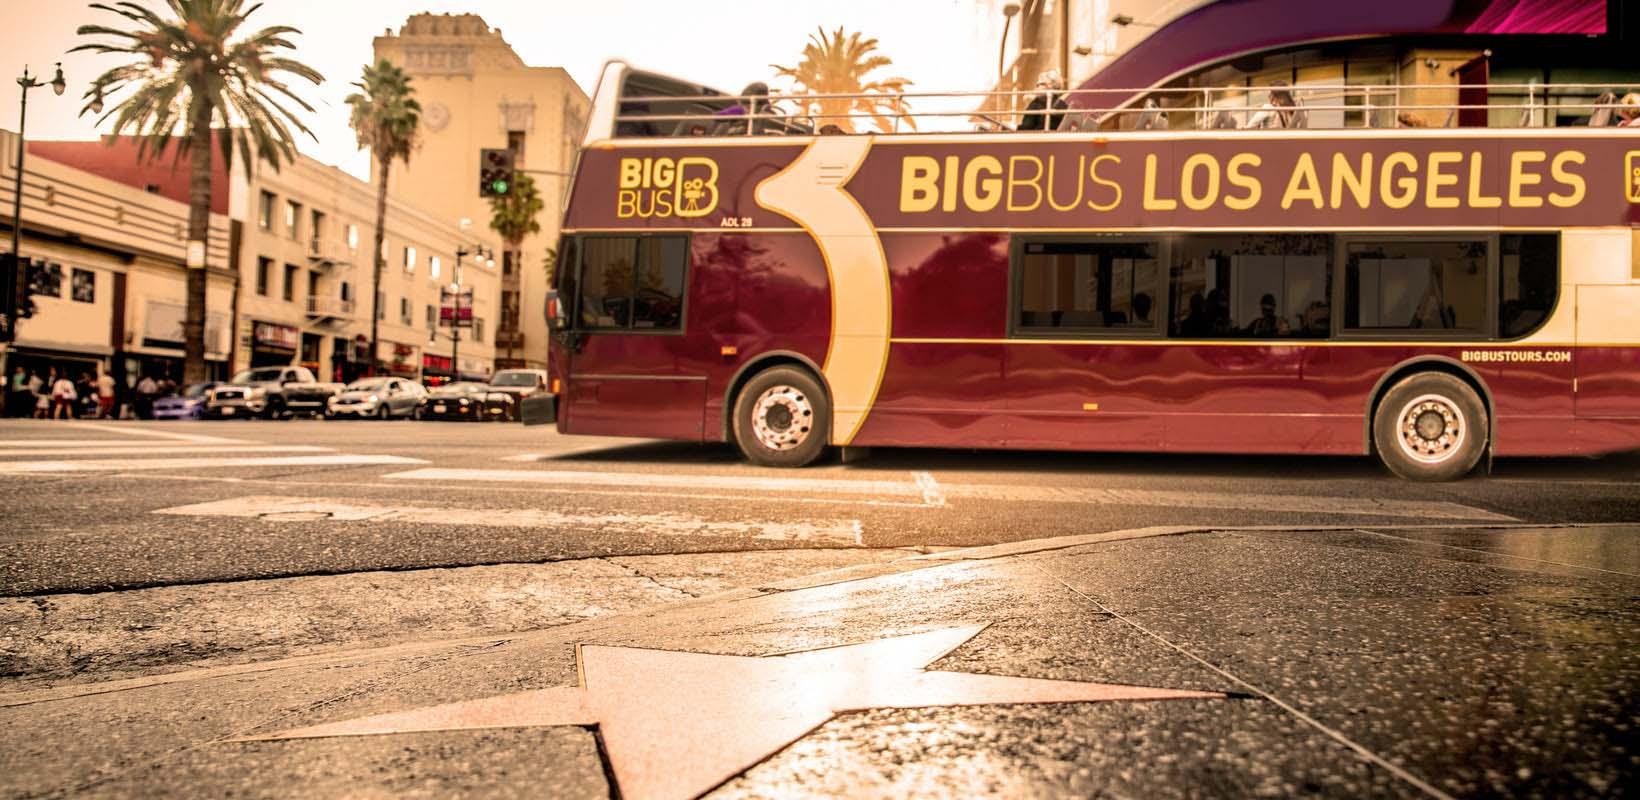 Hop-on hop-off Big Bus Los Angeles tickets